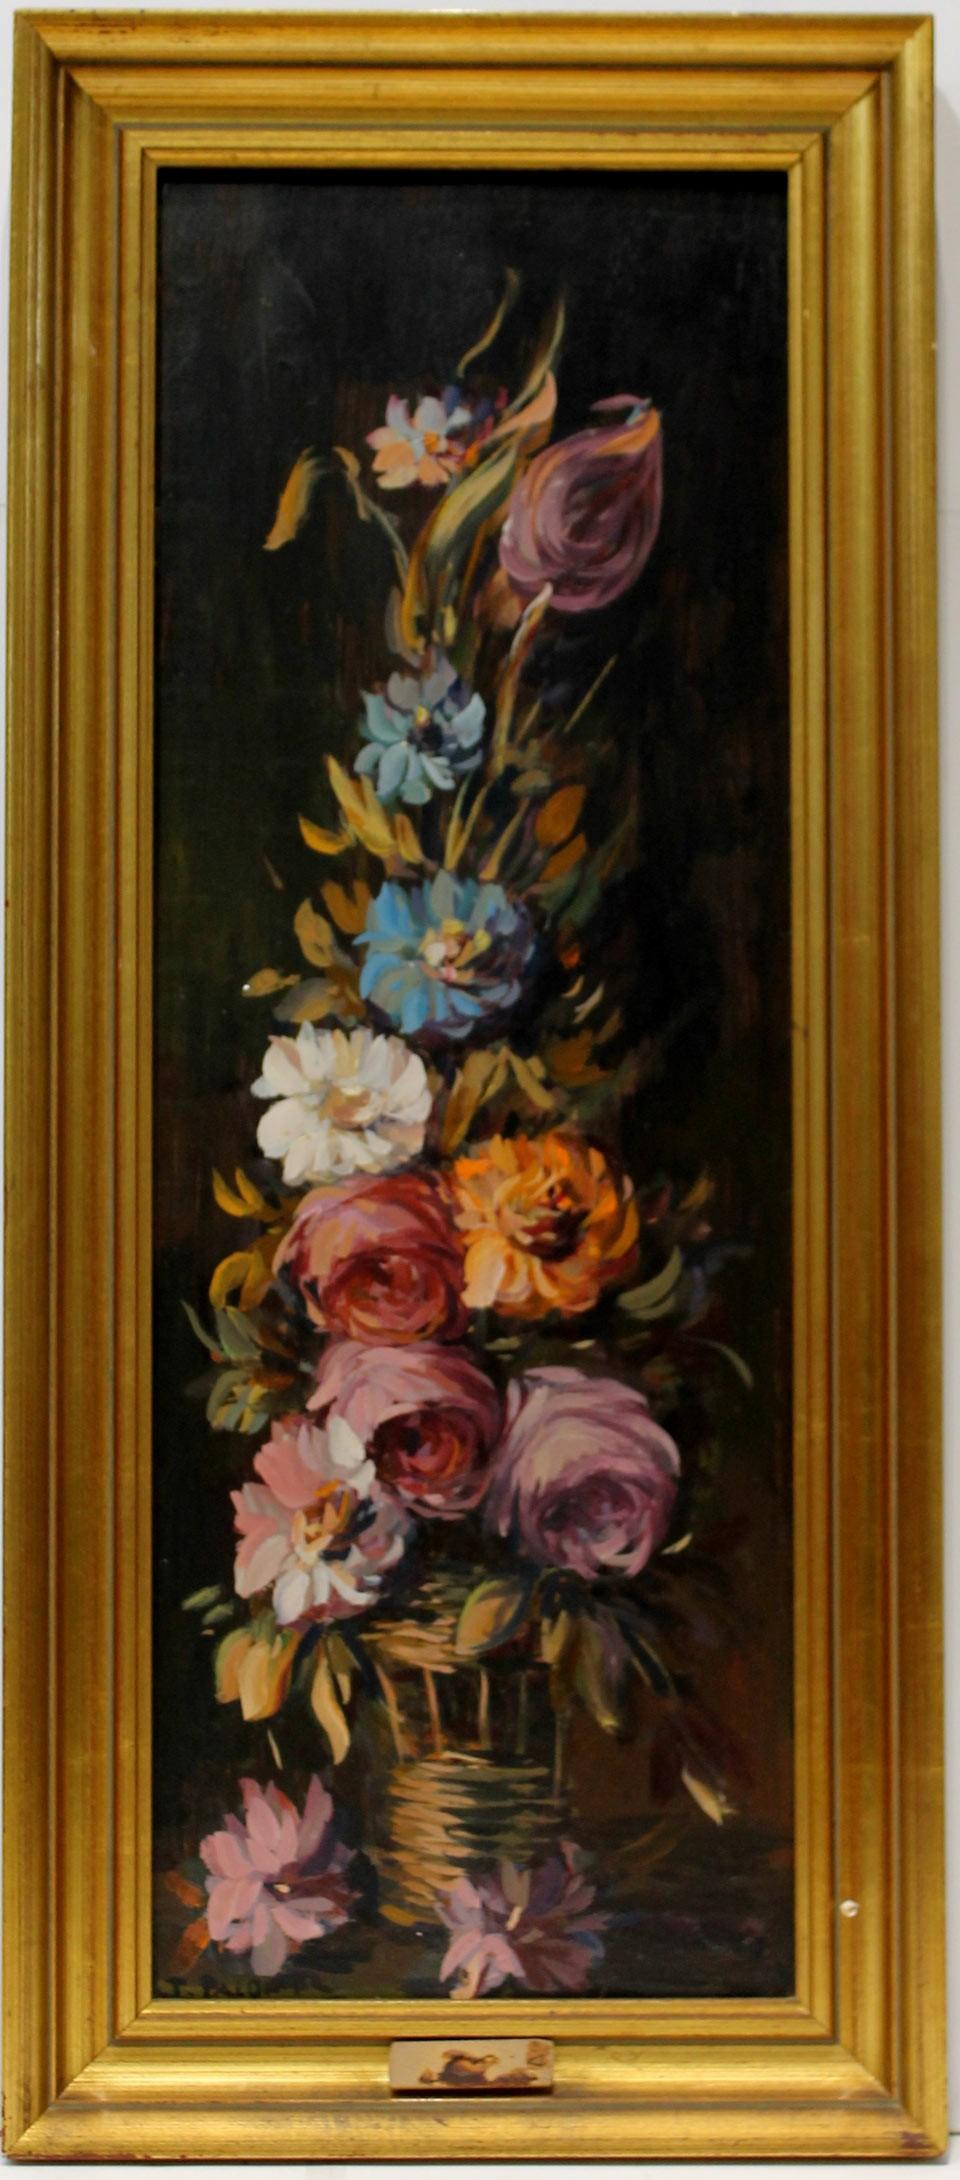 José Palomar: Bodegón de flores